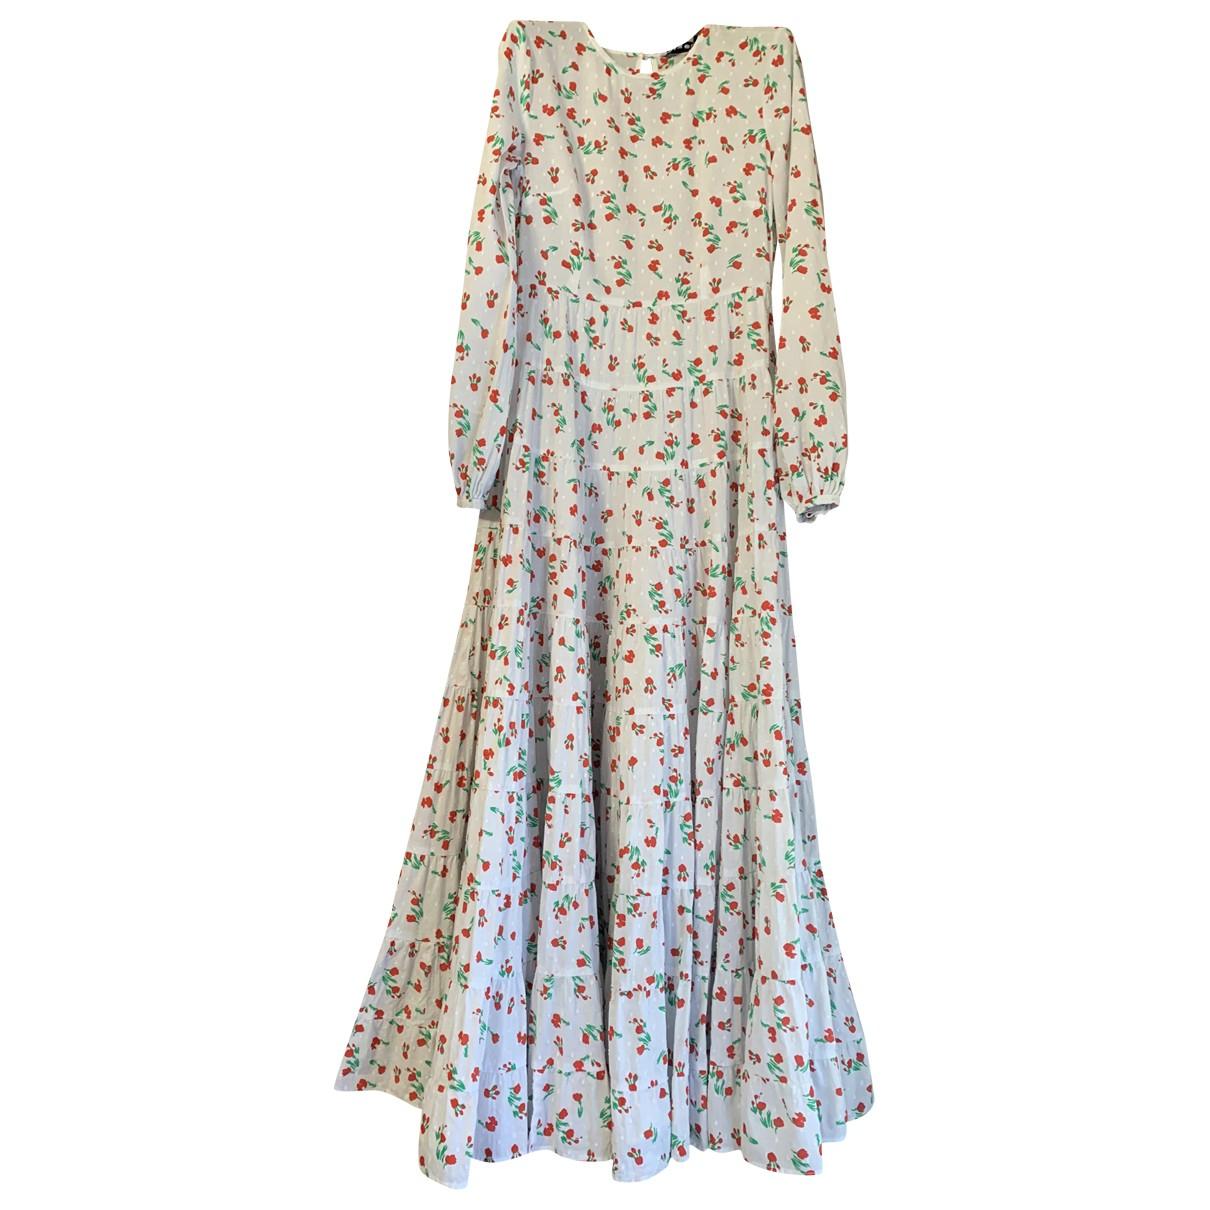 Rixo \N White Cotton dress for Women XXS International